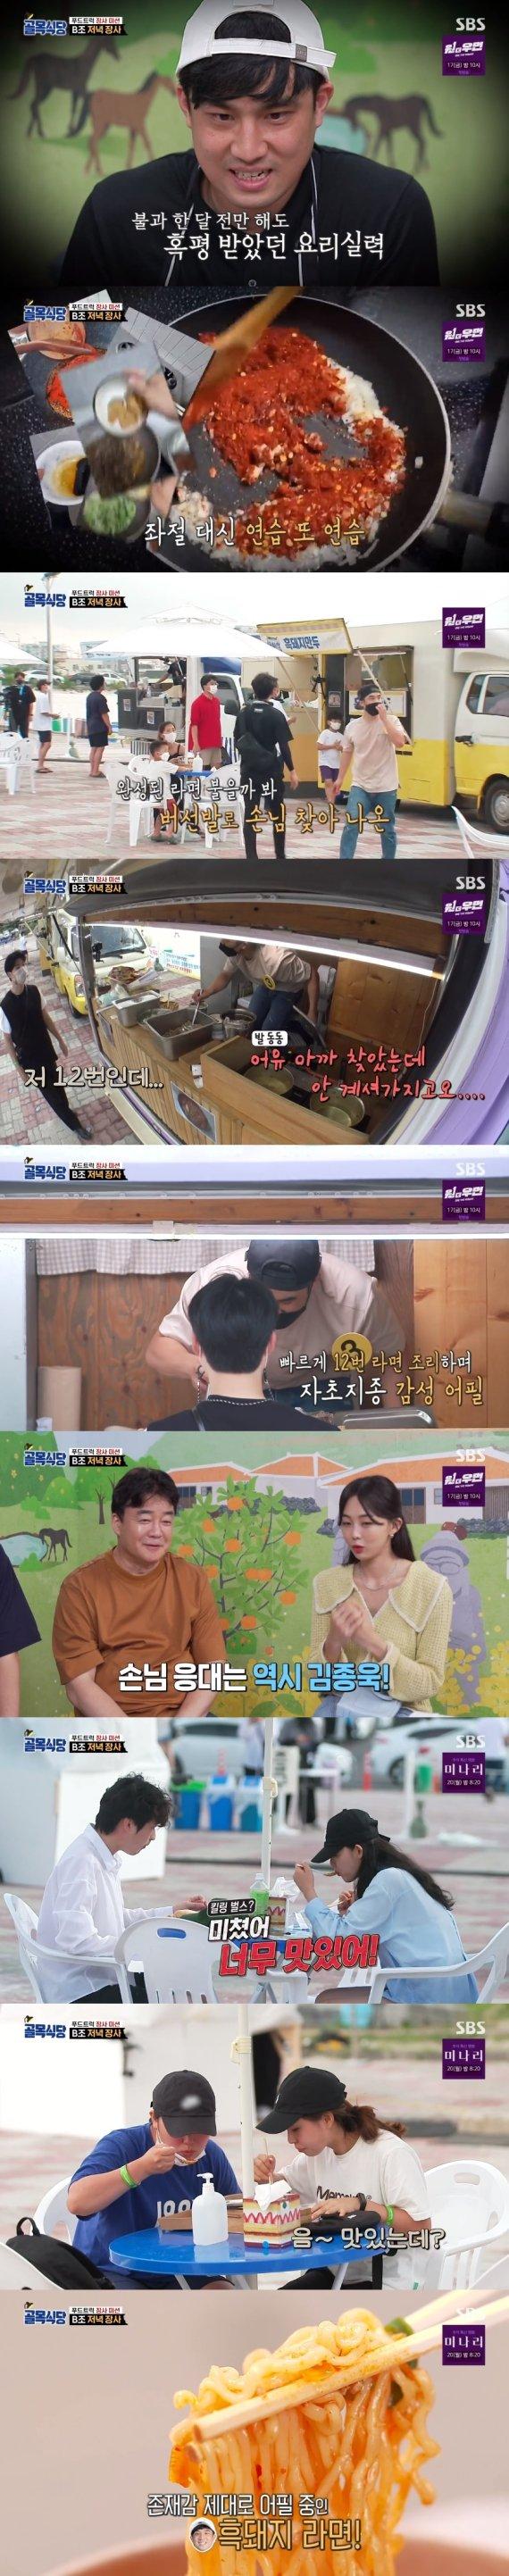 """김종욱, 한 달만에 폭풍 성장…""""맛이 미쳤어"""" 손님 극찬받은 흑돼지라면"""